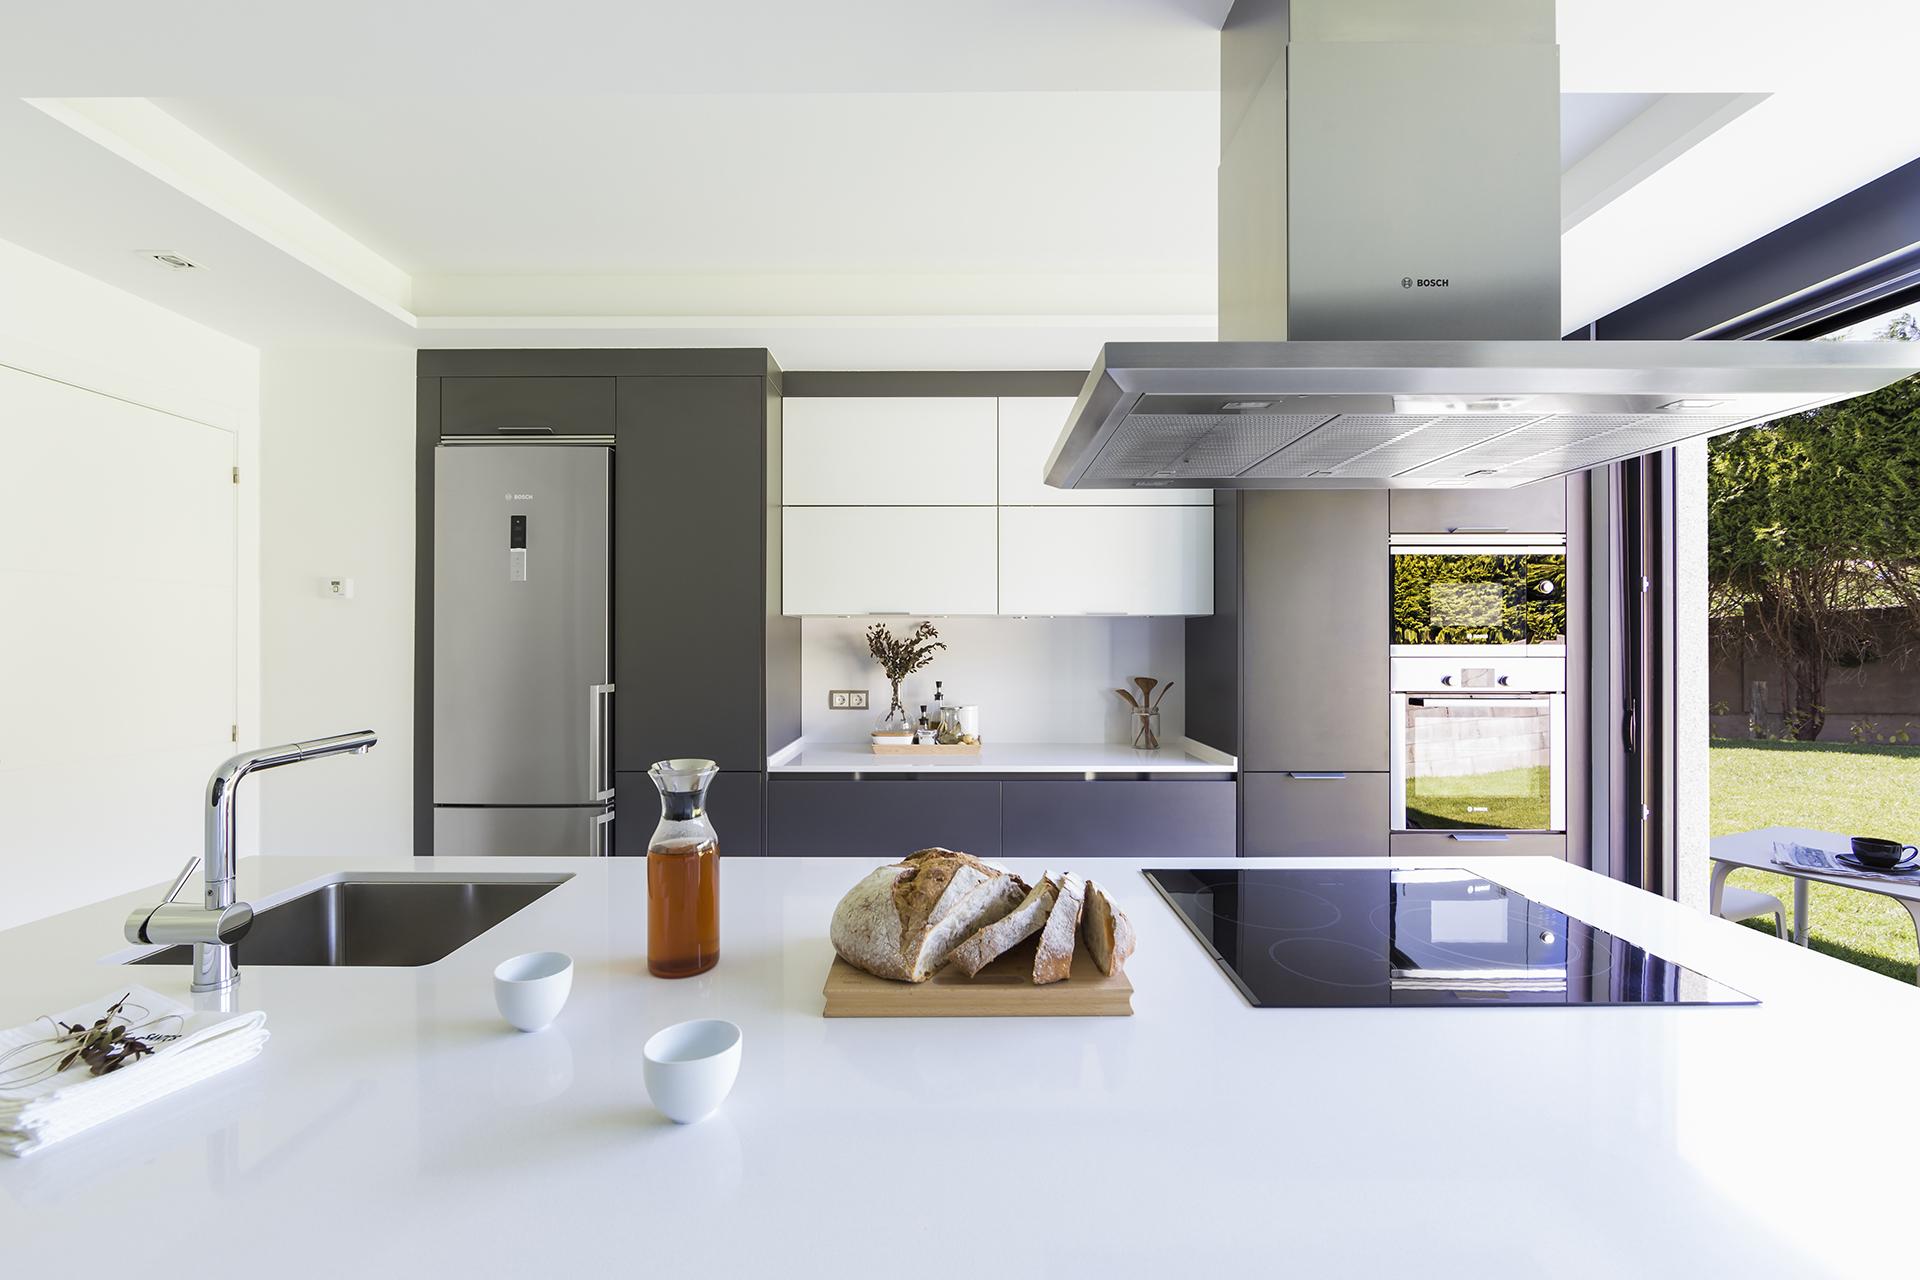 Encimeras de cocina   Silestone   Cocinas Santos   Santiago Interiores